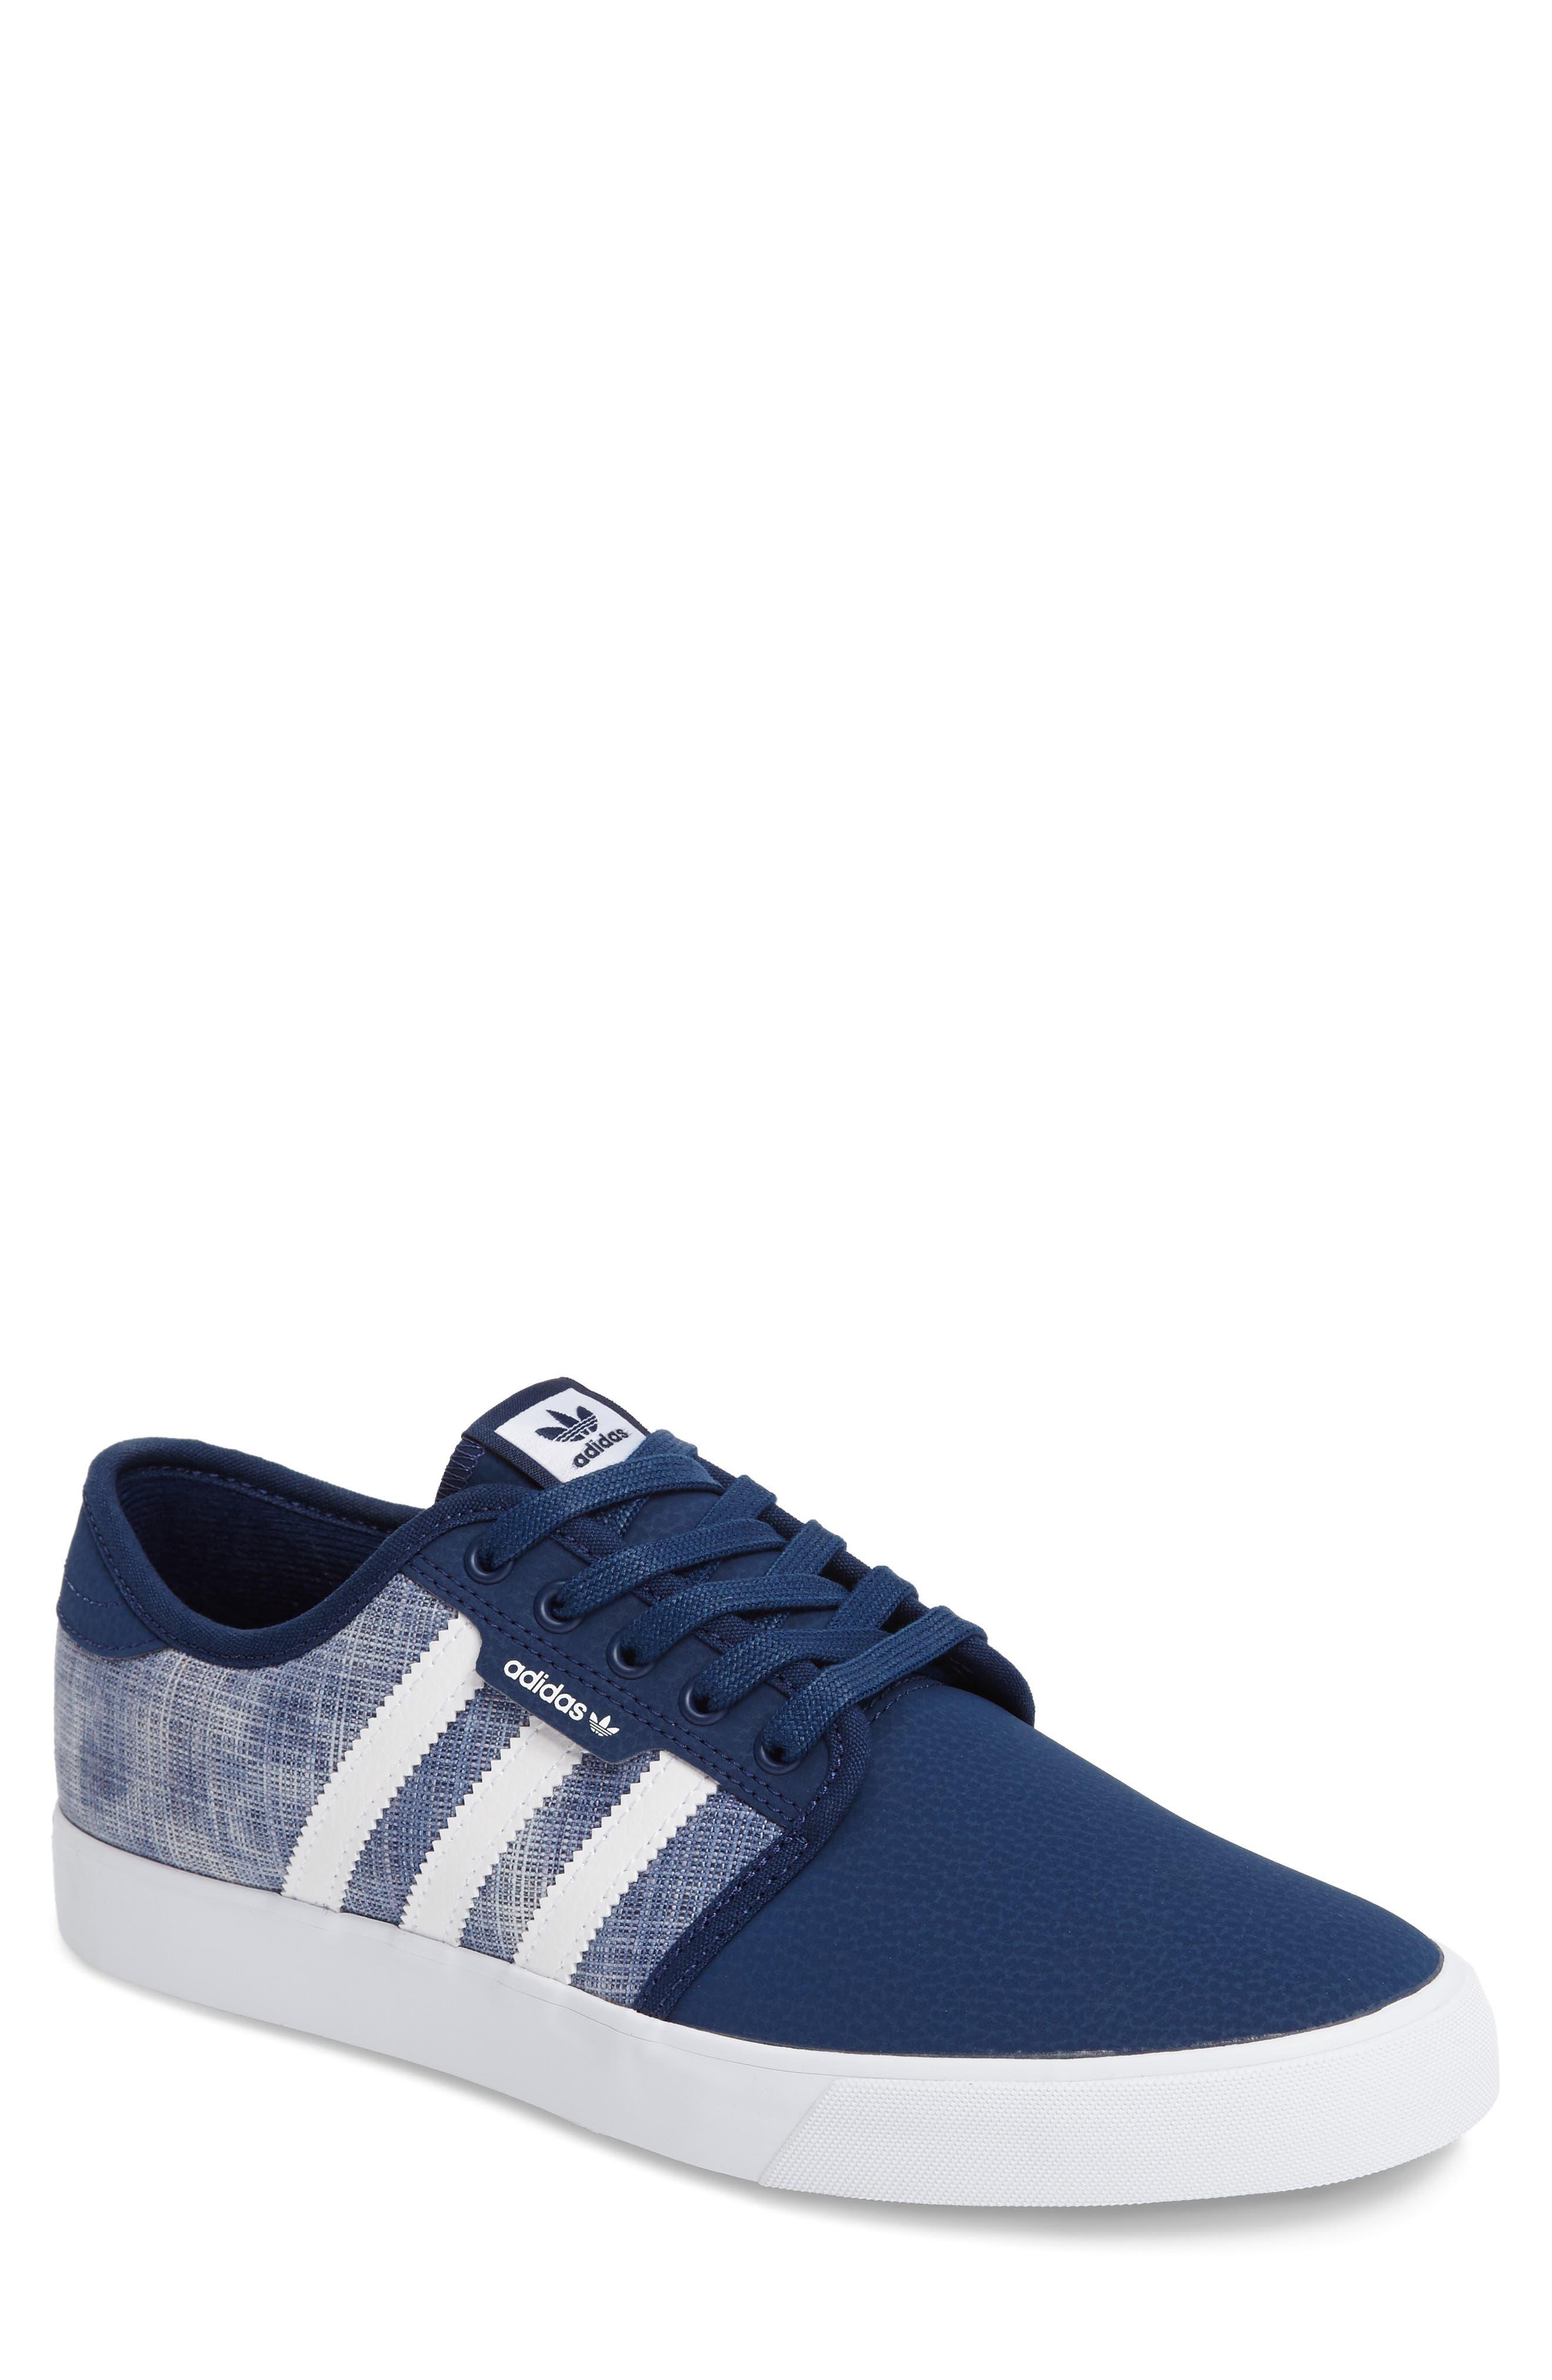 ADIDAS 'Seeley' Skate Sneaker